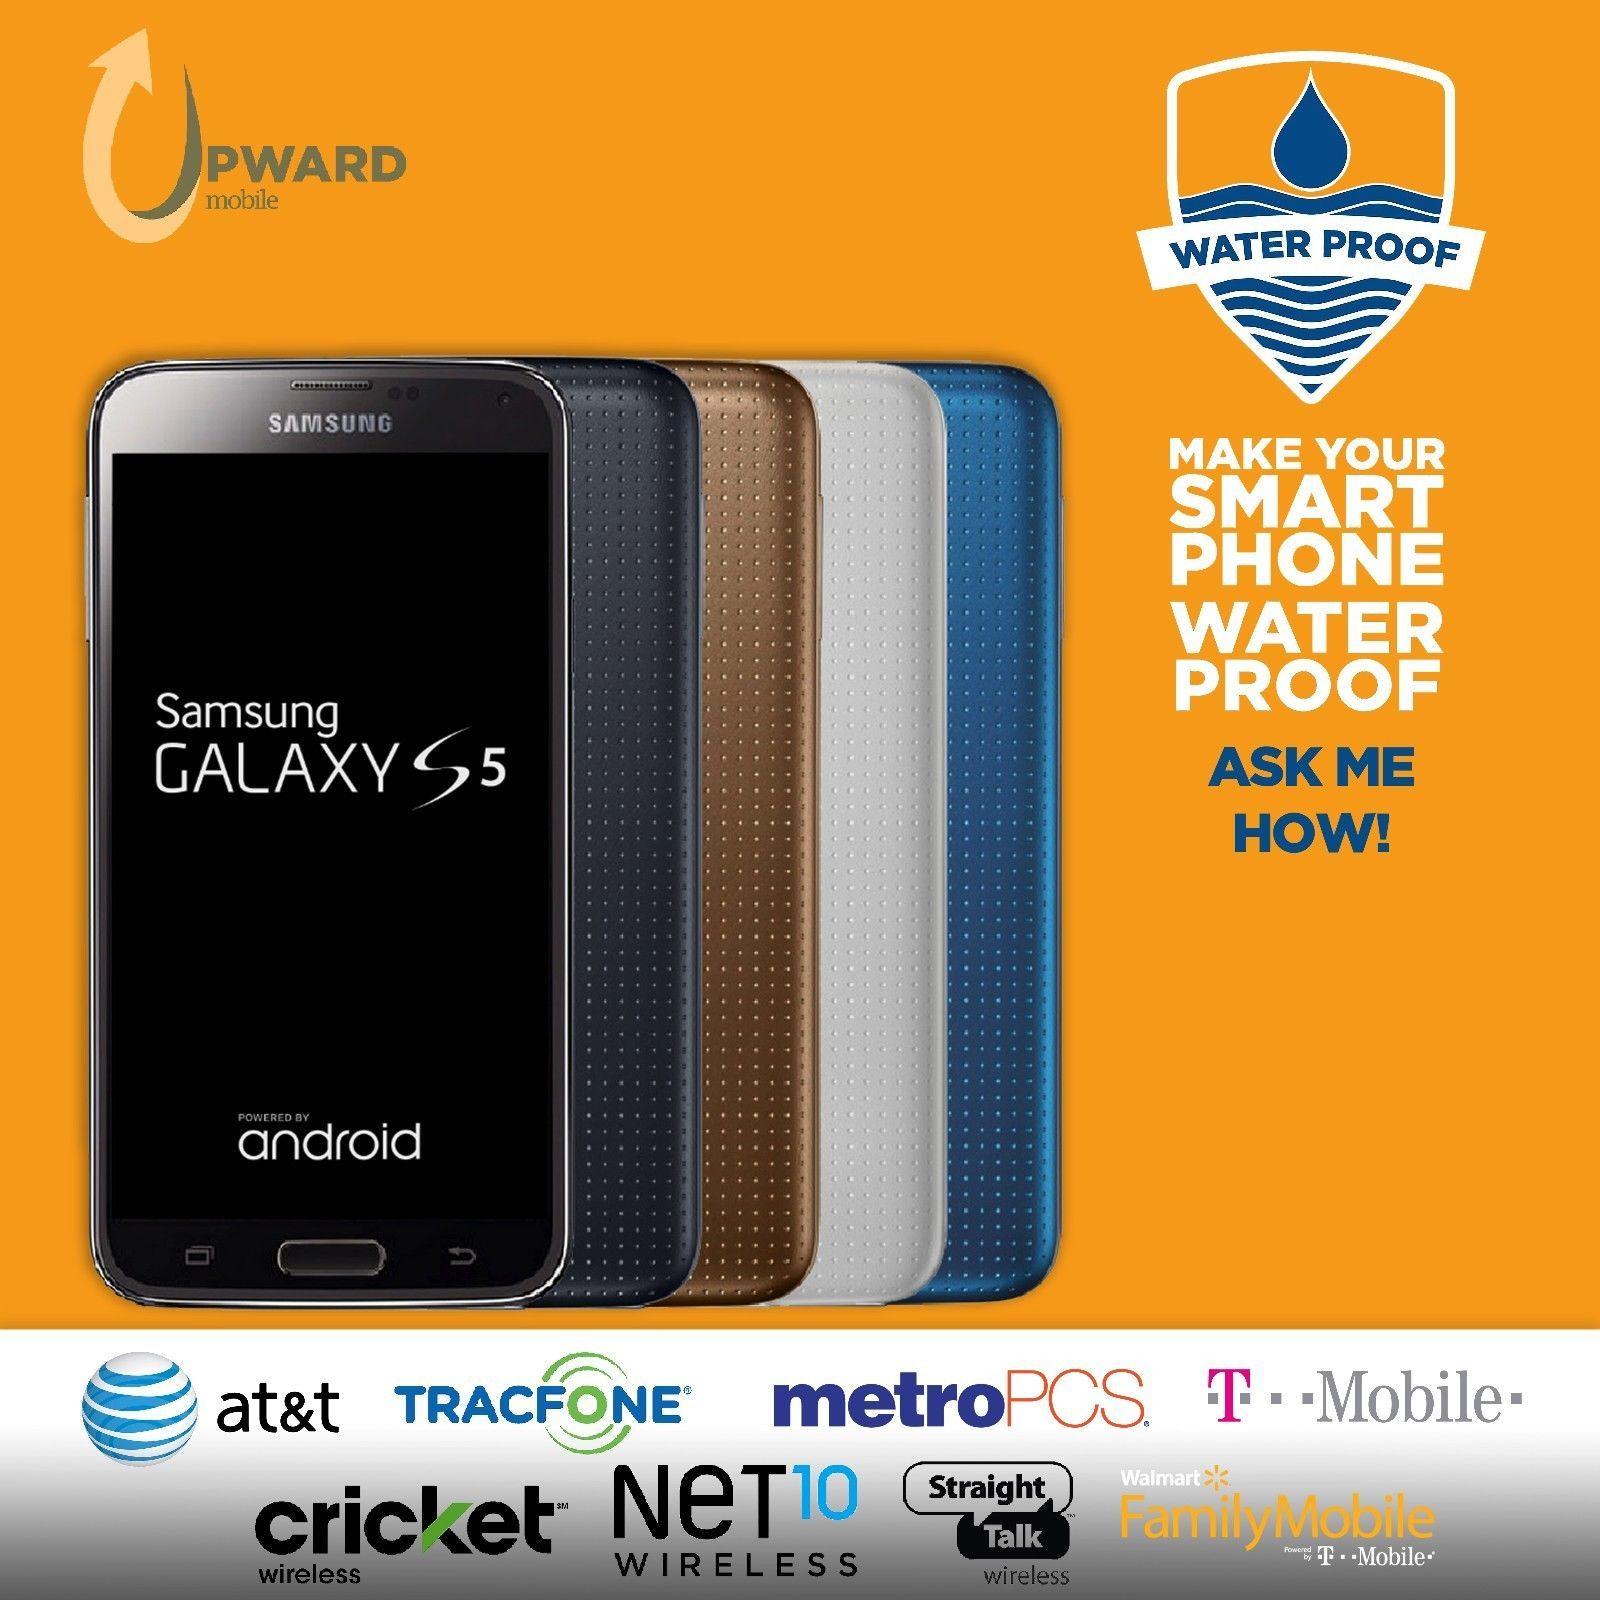 Samsung Galaxy S5 (16GB,32GB) Straight Talk AT&T Cricket T